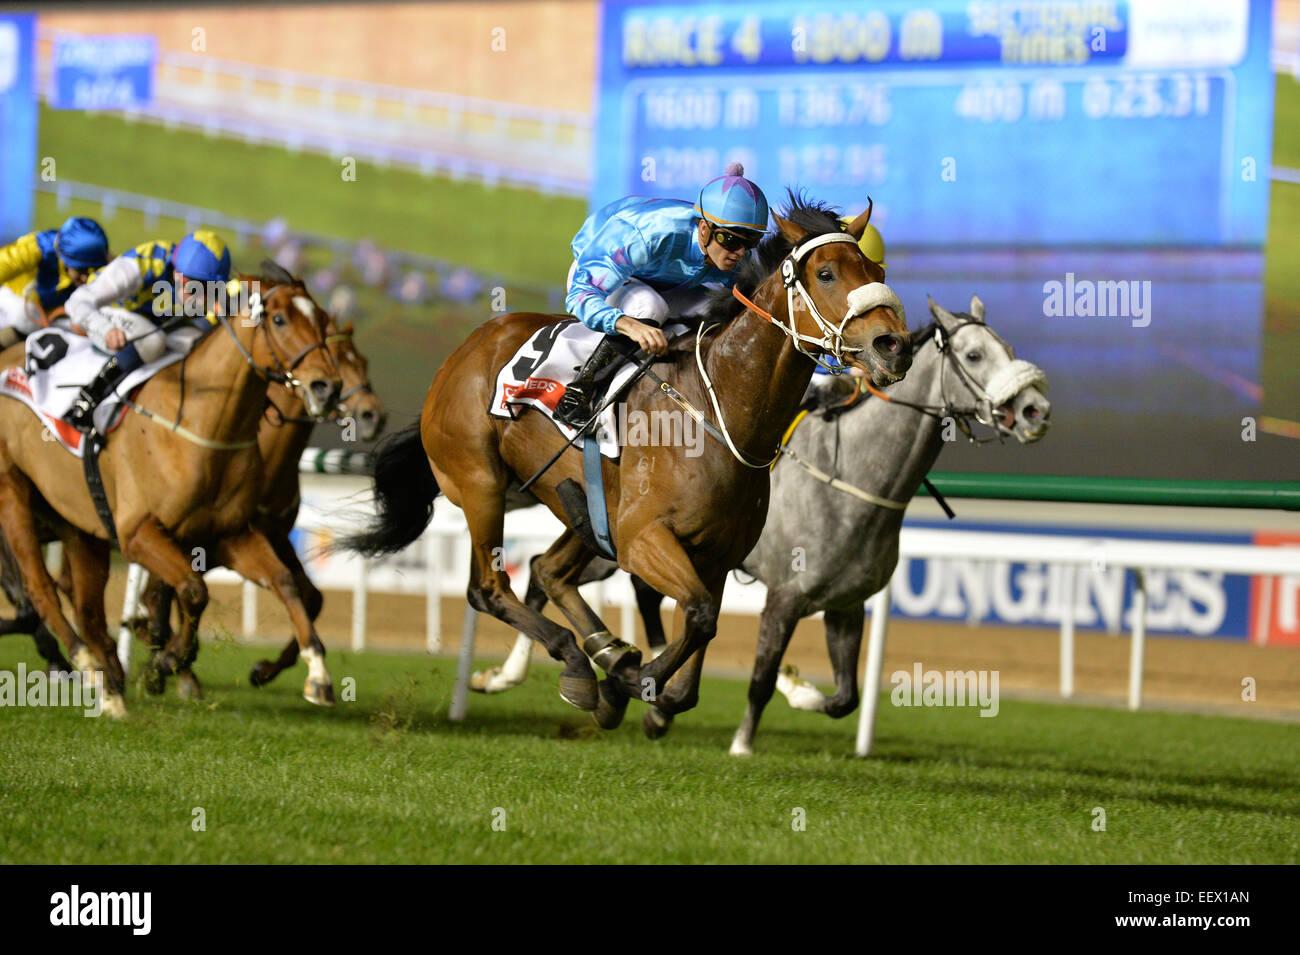 Dubai, EAU. Il 22 gennaio, 2015. UMGIYO cavalcato da Christophe Soumillon vince il Gulf News Annunci Handicap 1800m Immagini Stock